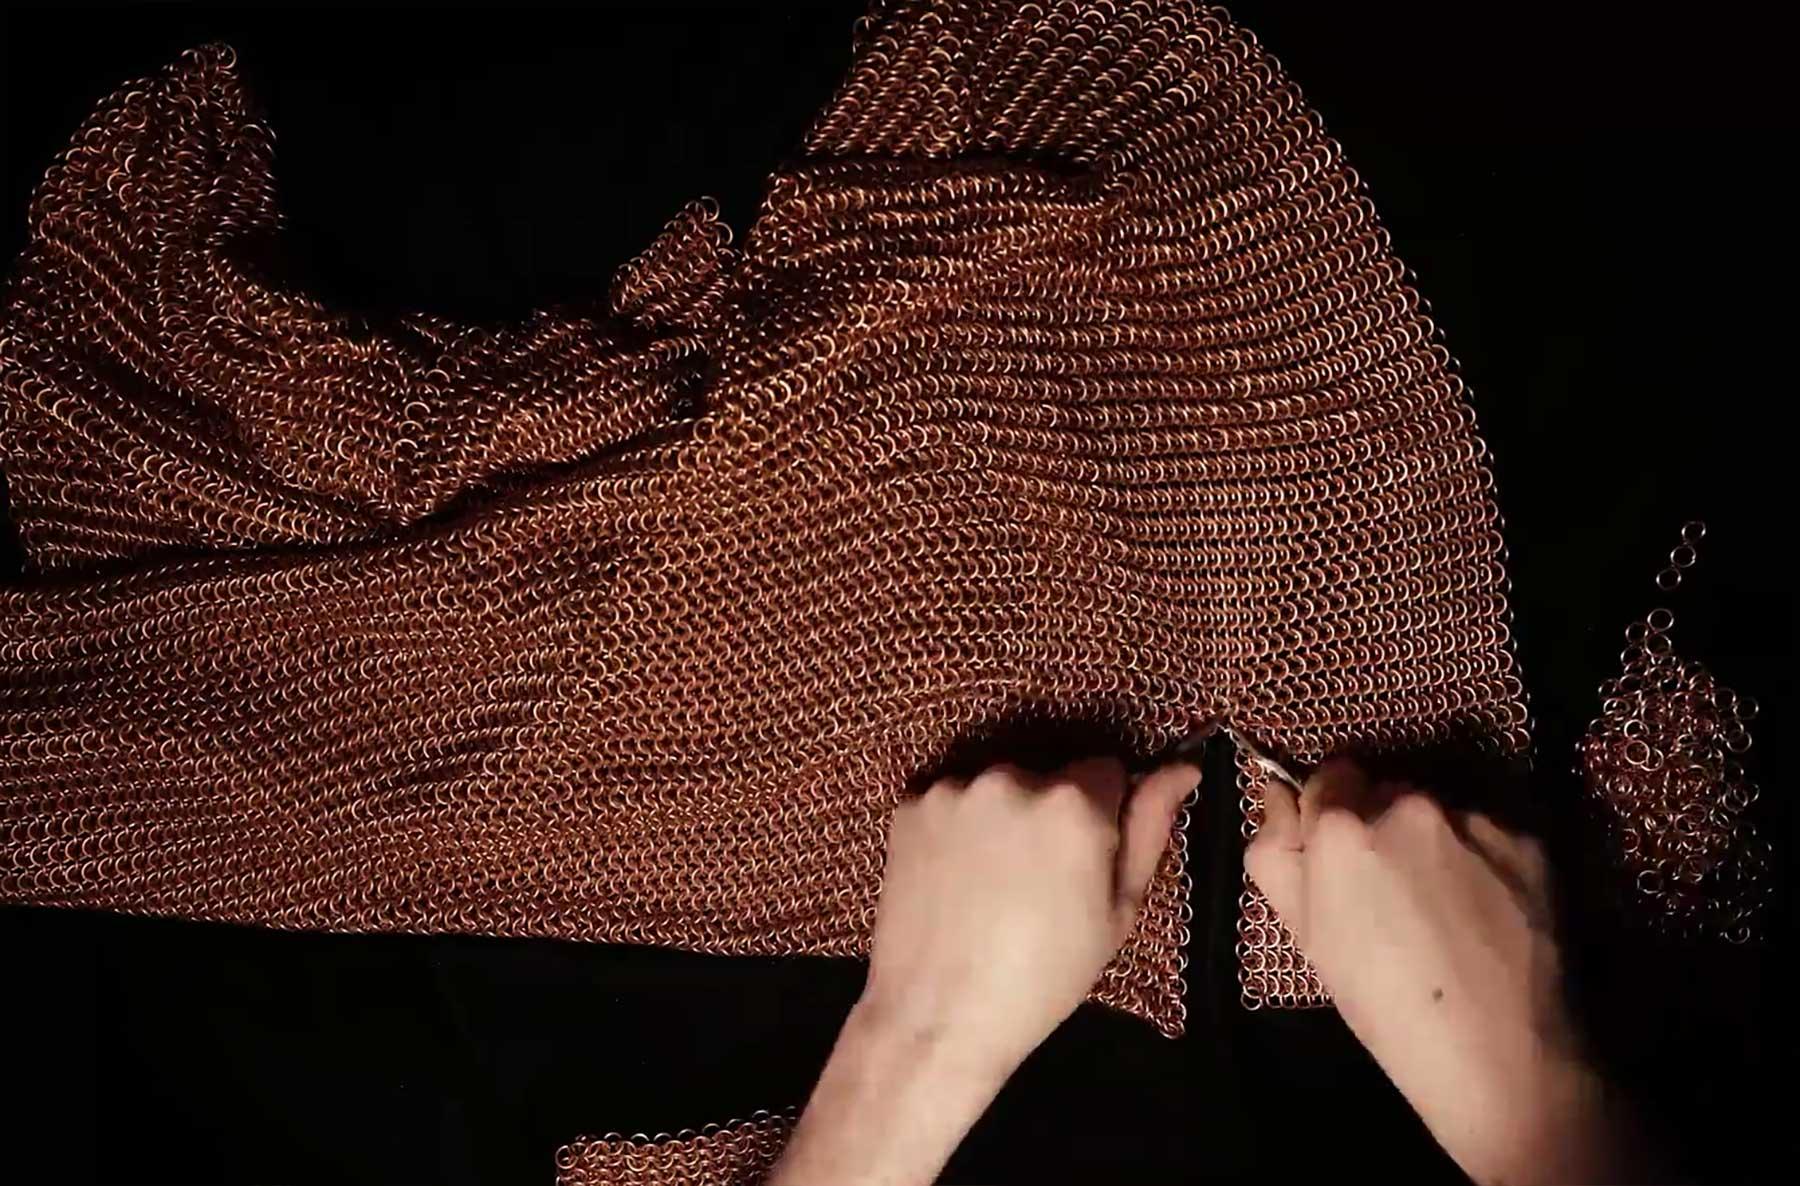 Timelapse: Kettenhemd in Handarbeit